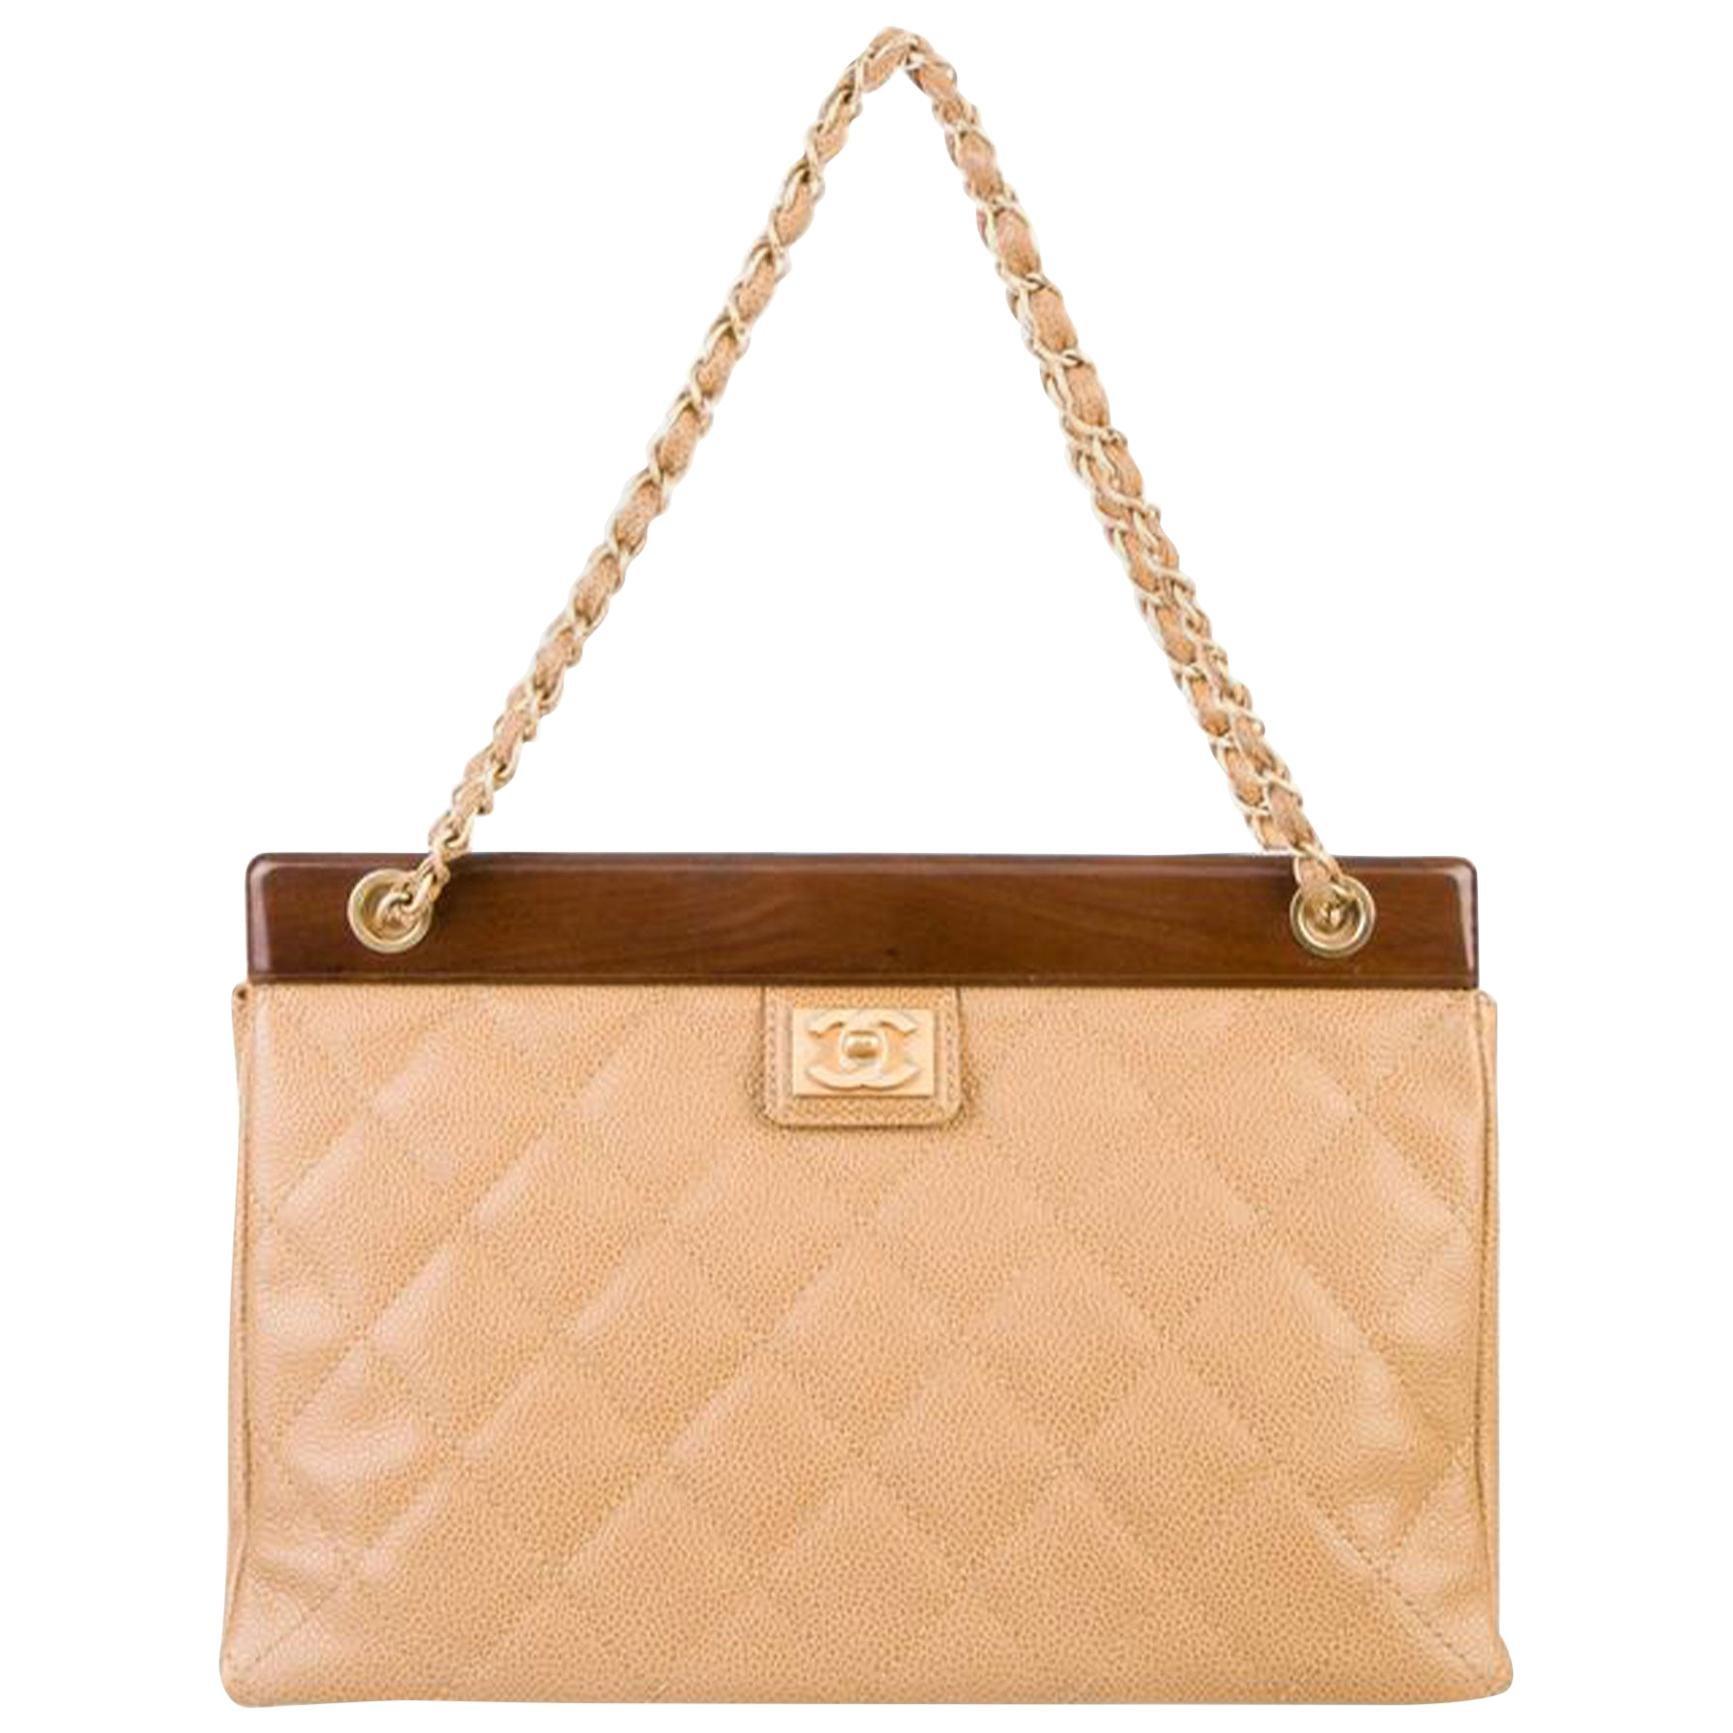 Chanel Timeless Tote Vintage Wood Medium Beige Caviar Leather Shoulder Bag